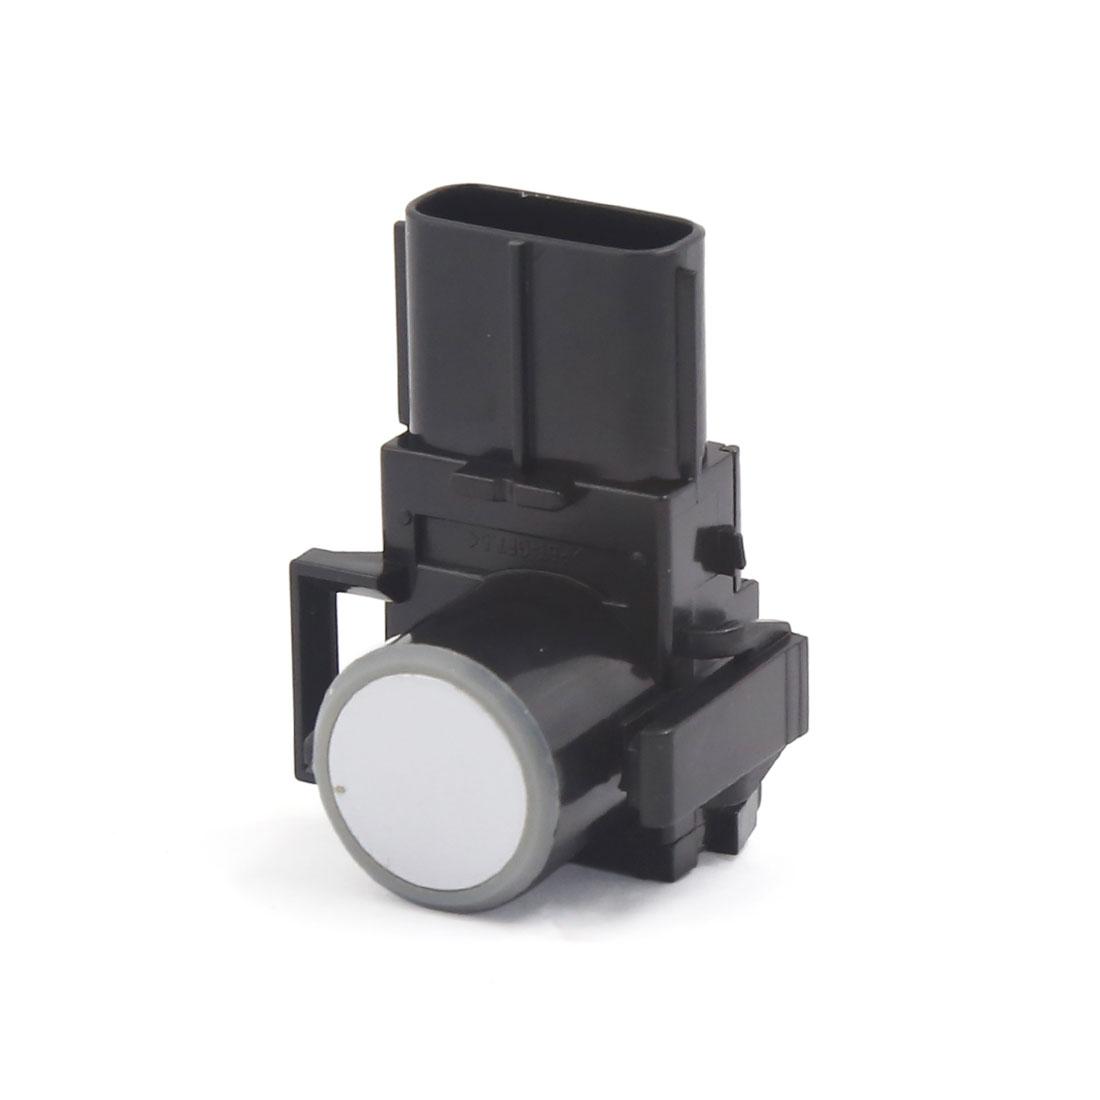 PDC Parking Reverse Sensor 89341-33130-B0 for 2007-13 TOYOTA TUNDRA FJ Cruiser